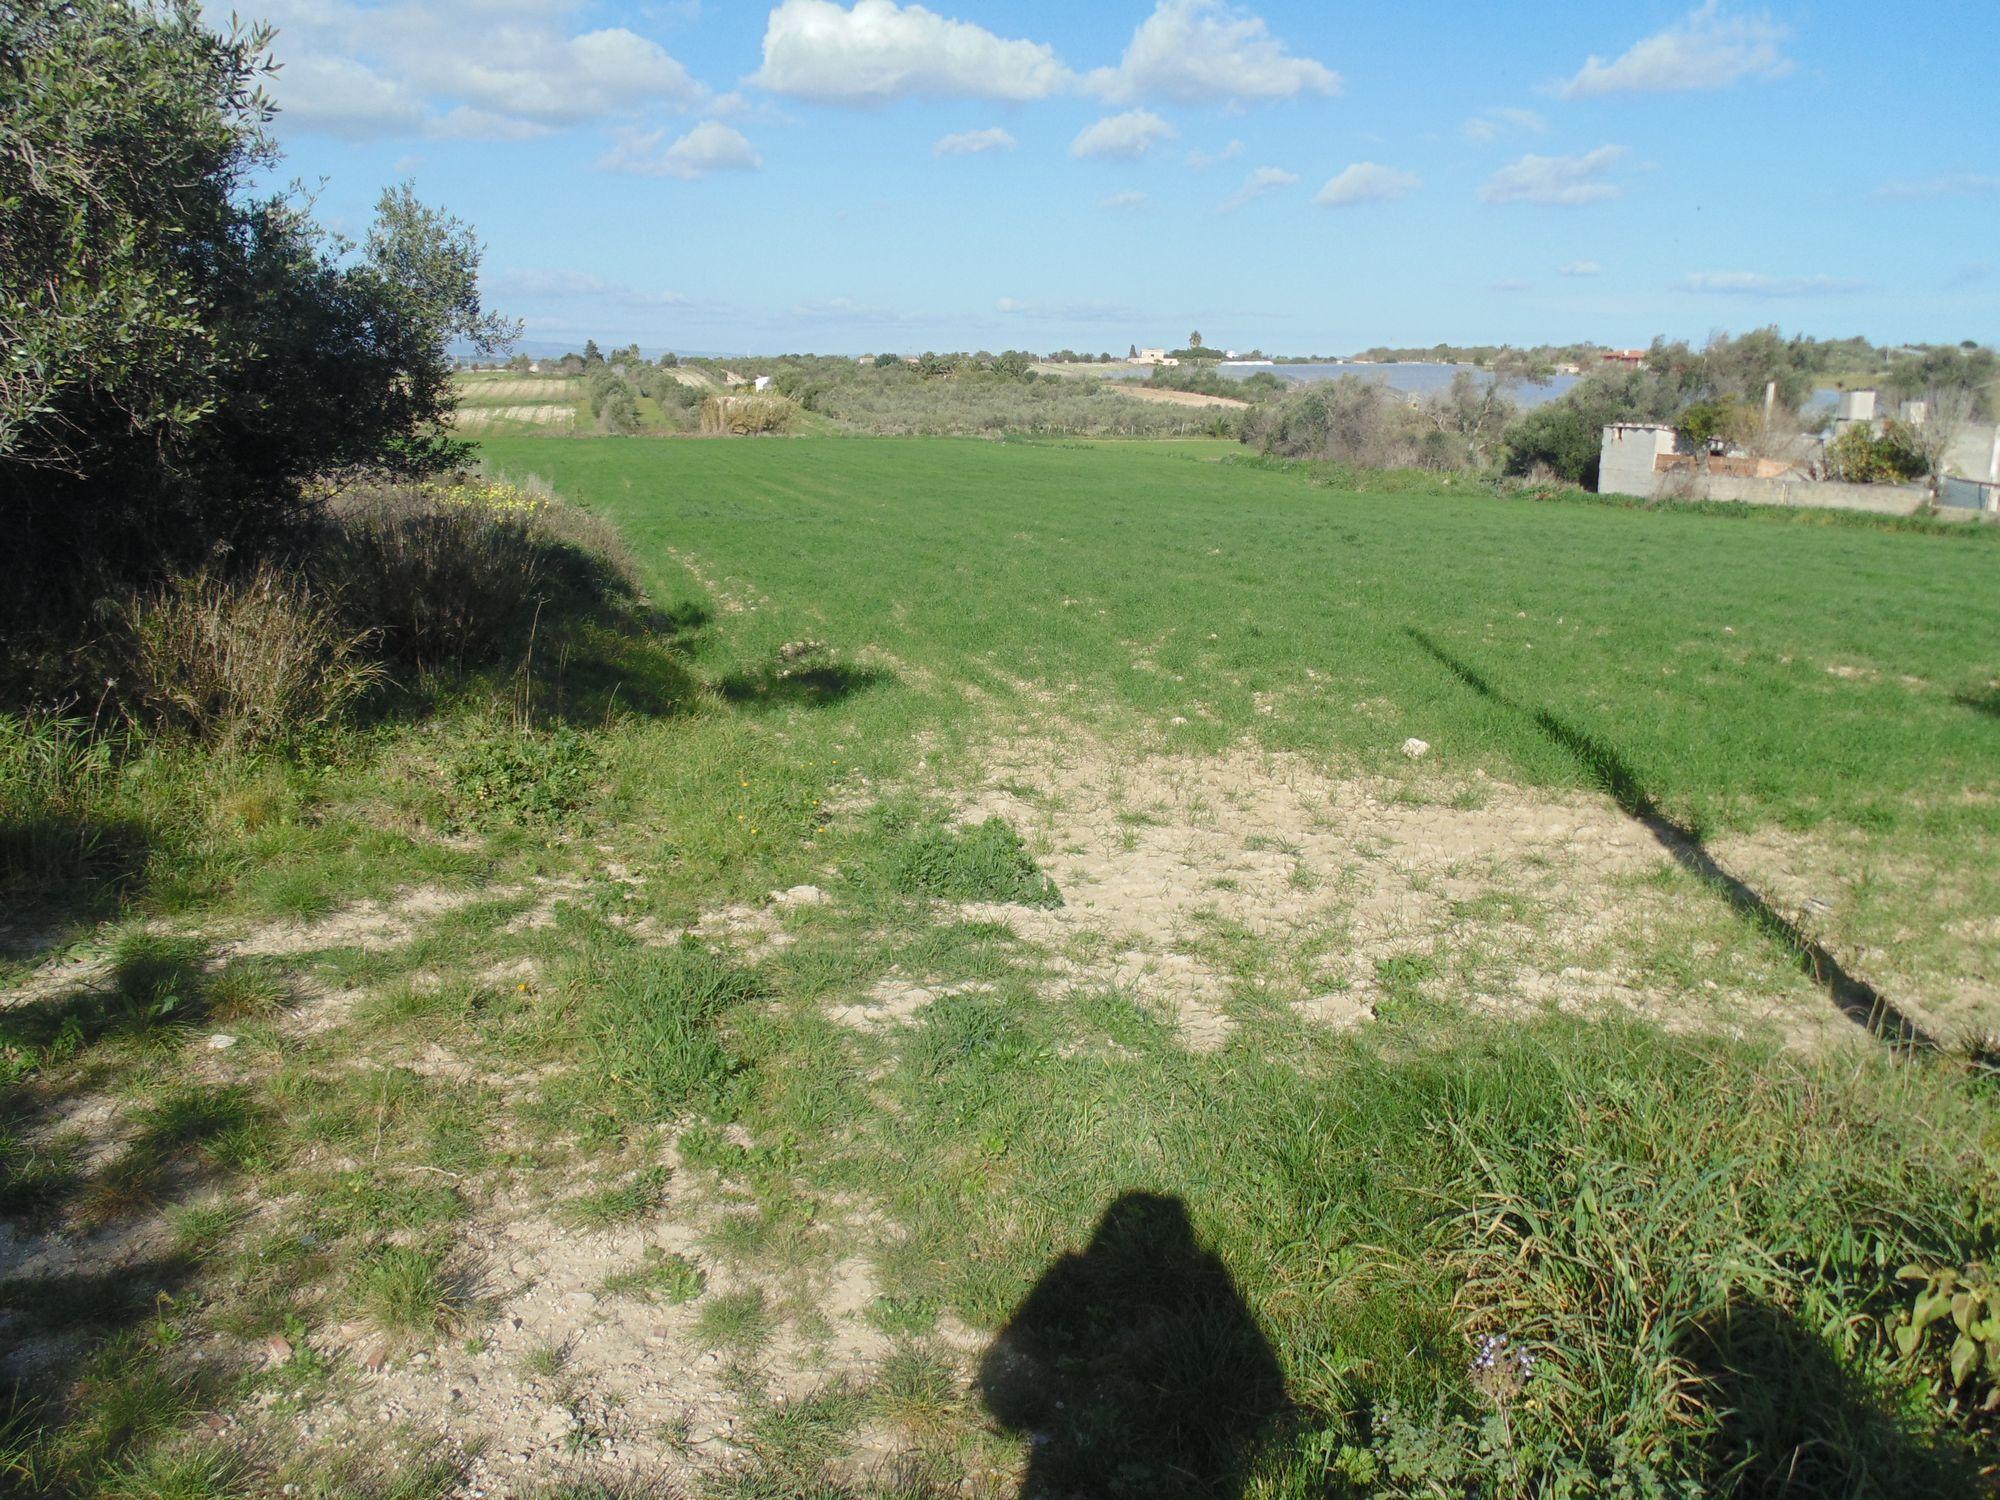 Terreno agricolo di circa 14500 mq con fabbricato rurale di 96 mq circa, con accesso diretto dalla strada provinciale.  ...